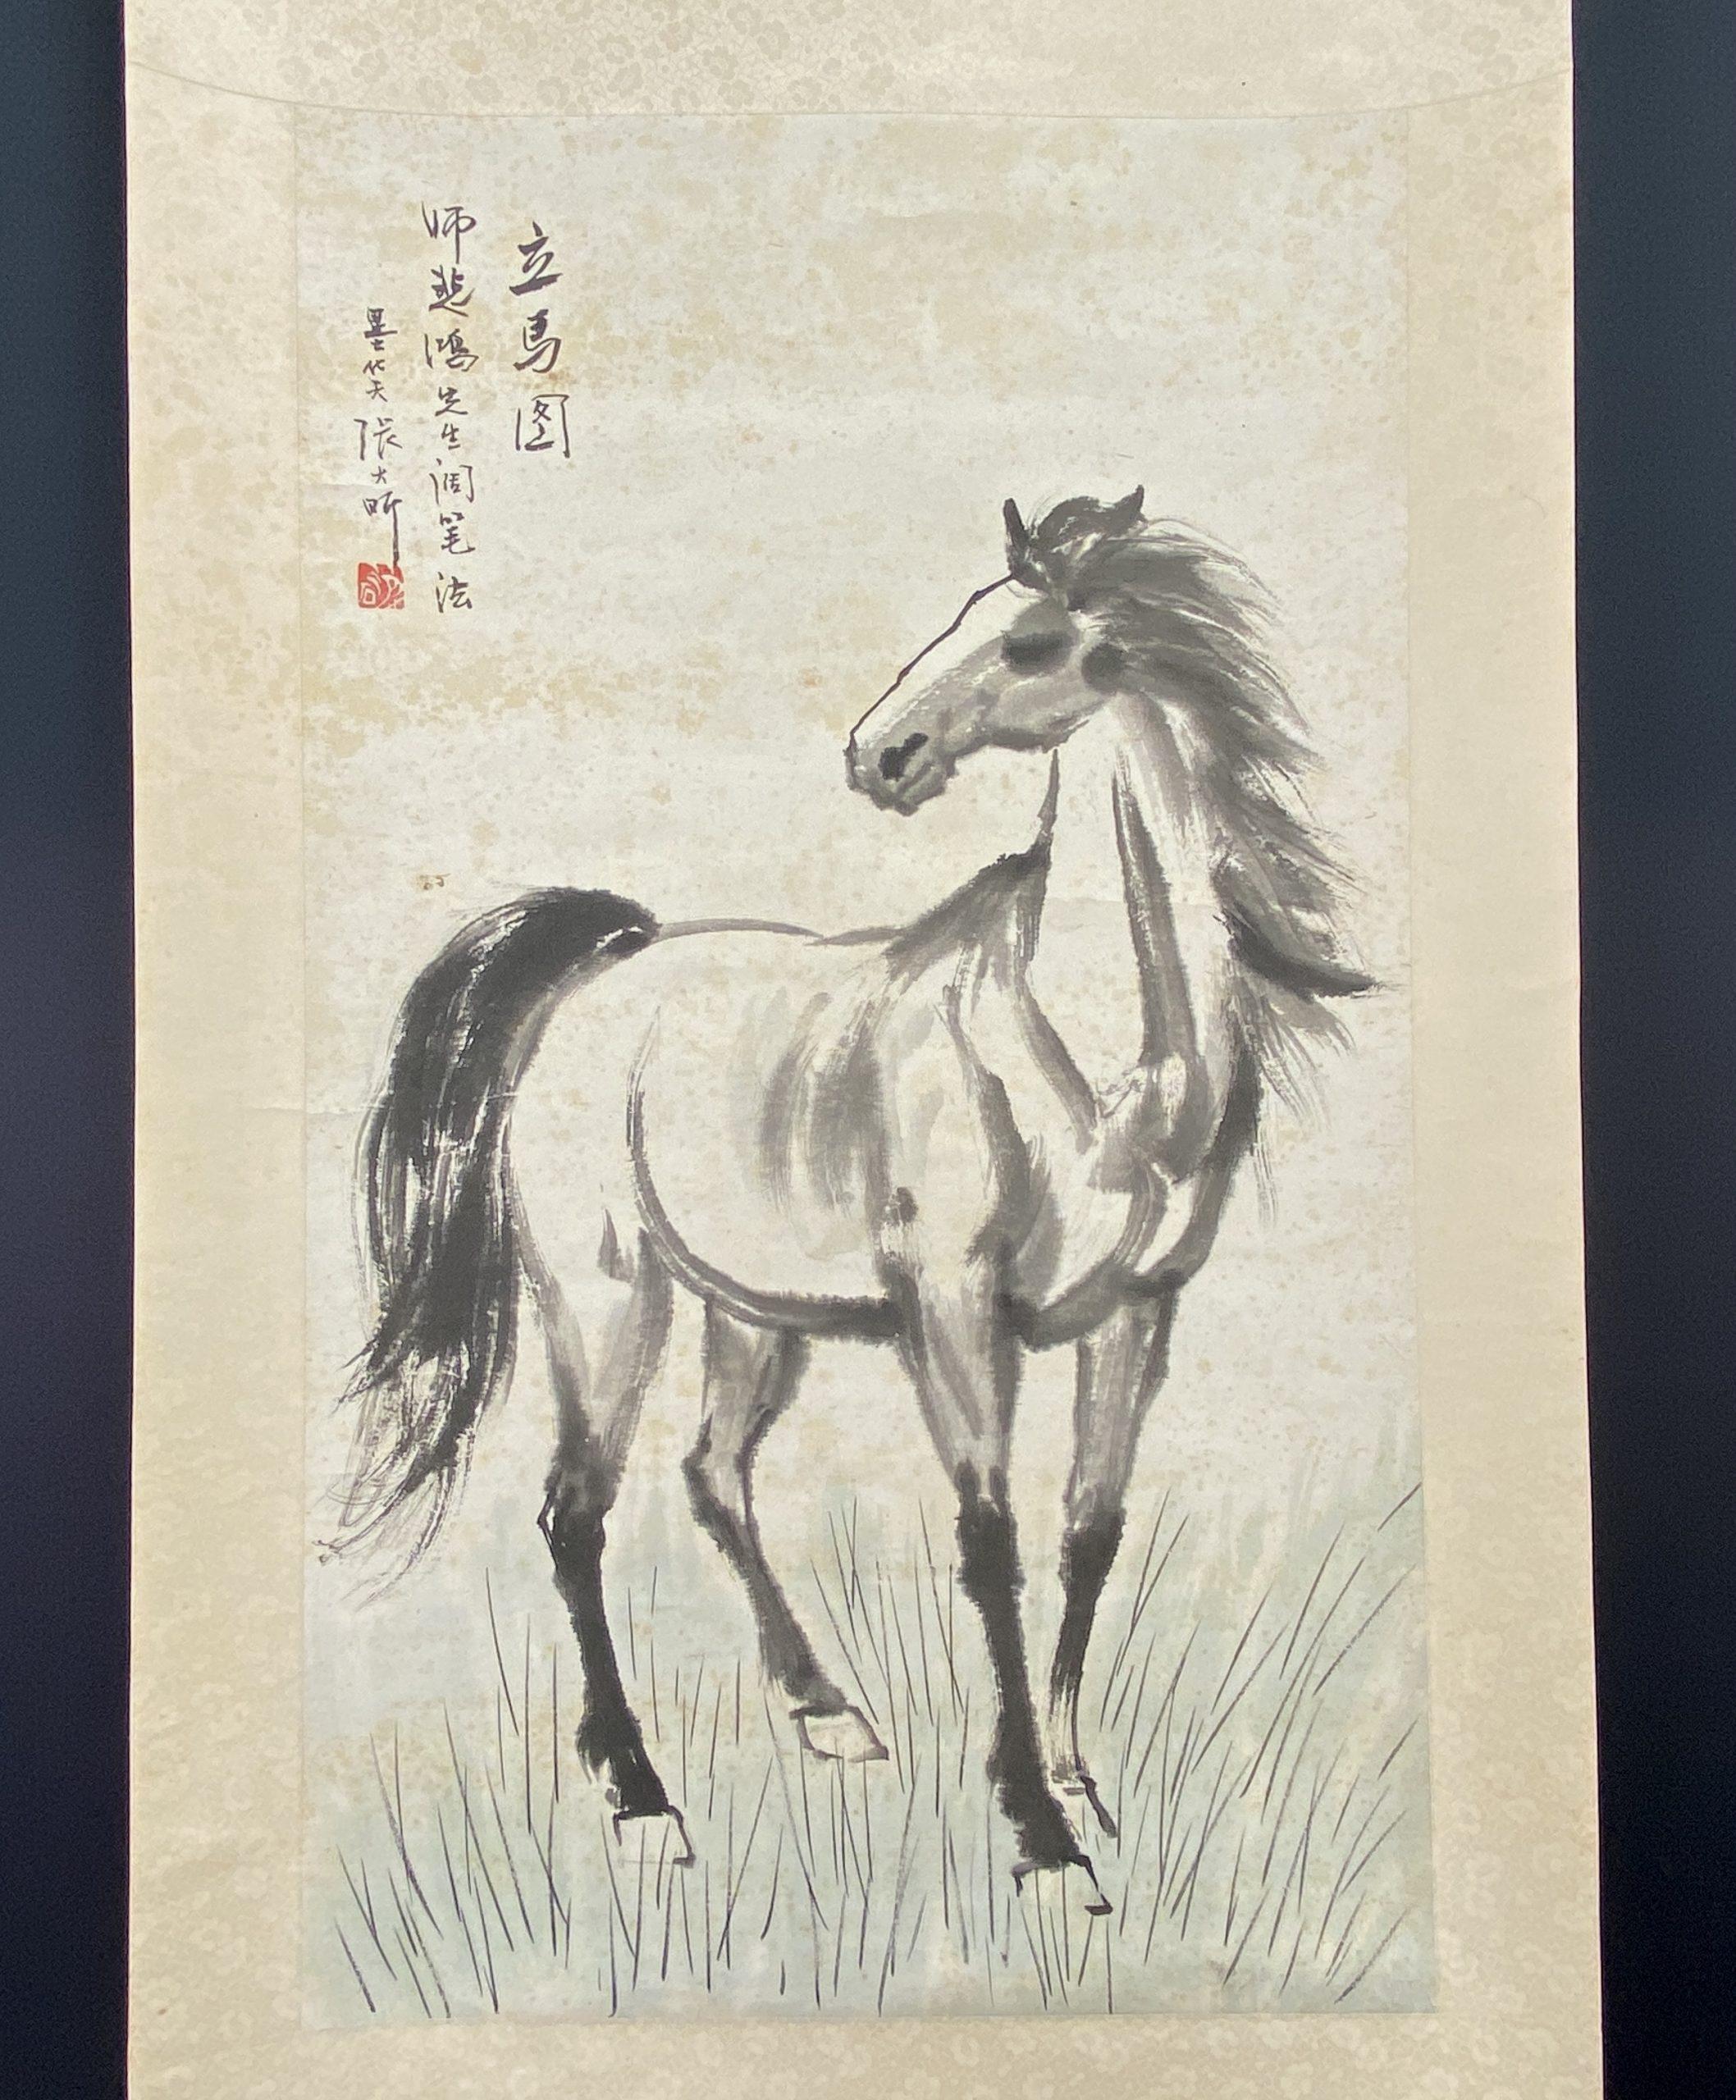 30617「張大◆」款 馬図 軸74×43.5cm